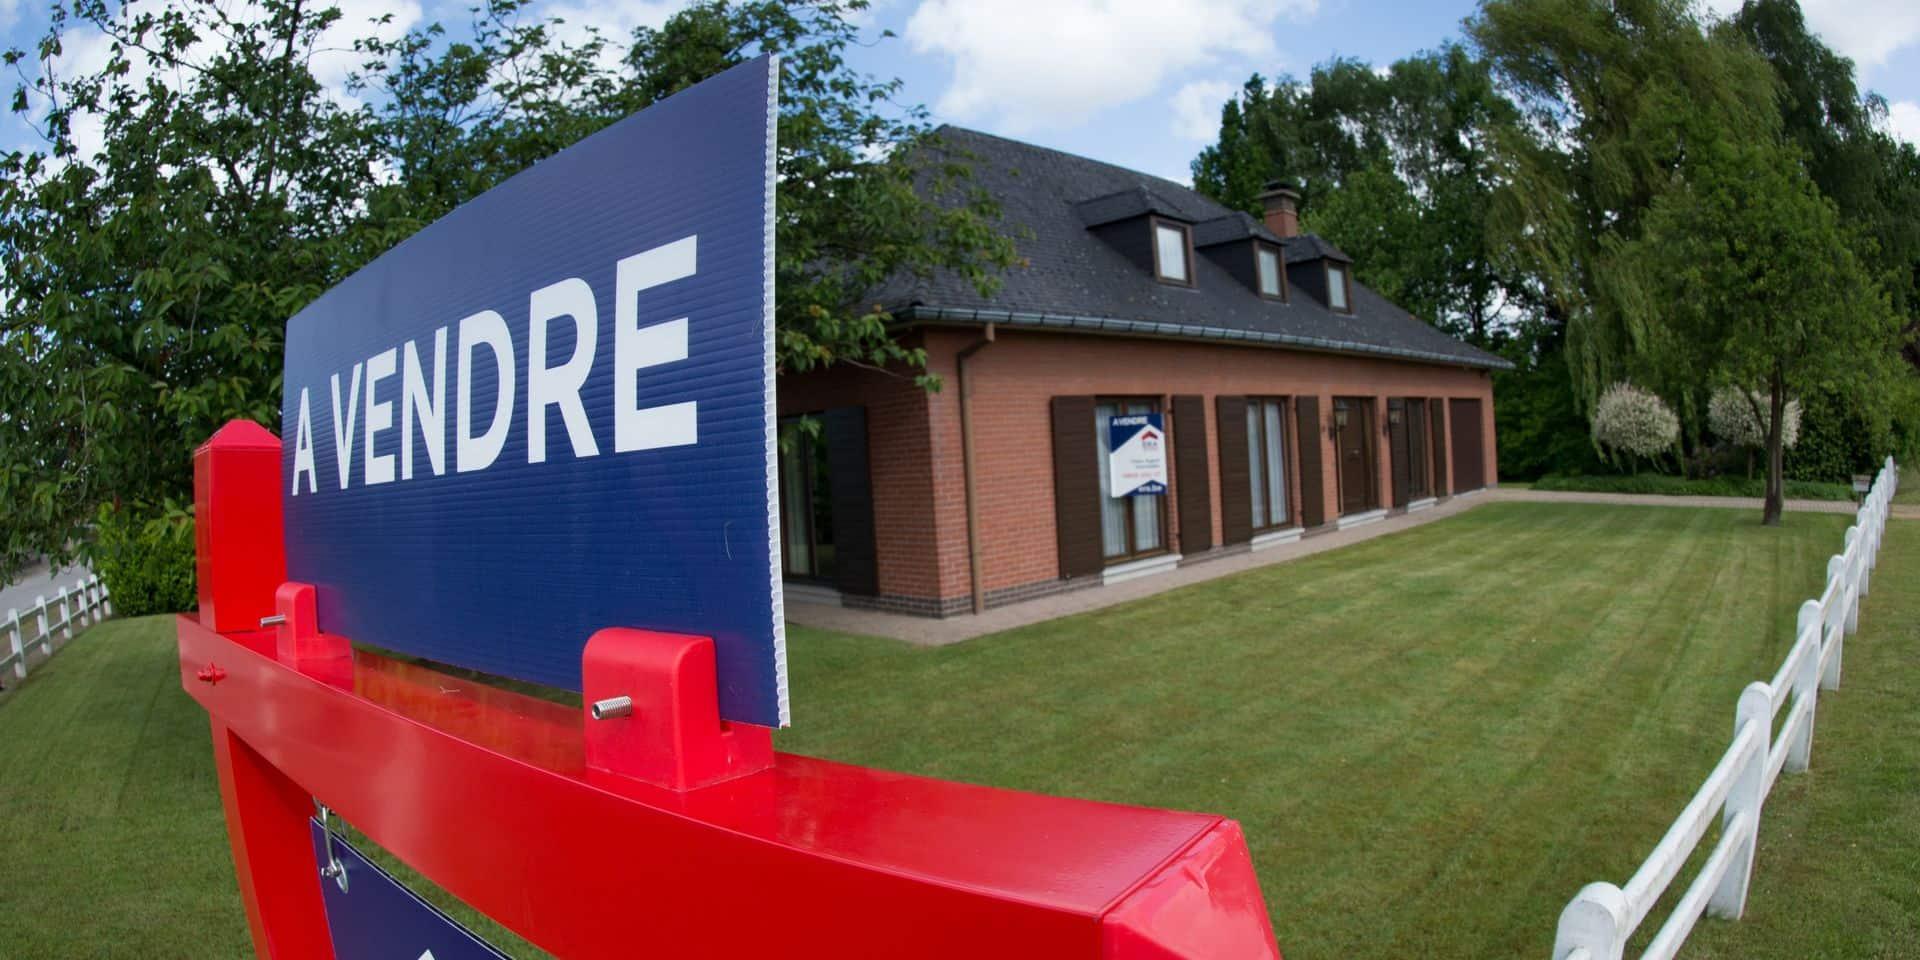 Le marché immobilier au plus haut : à Bruxelles, le prix moyen d'une maison dépasse pour la première fois la barre des 500.000 € !